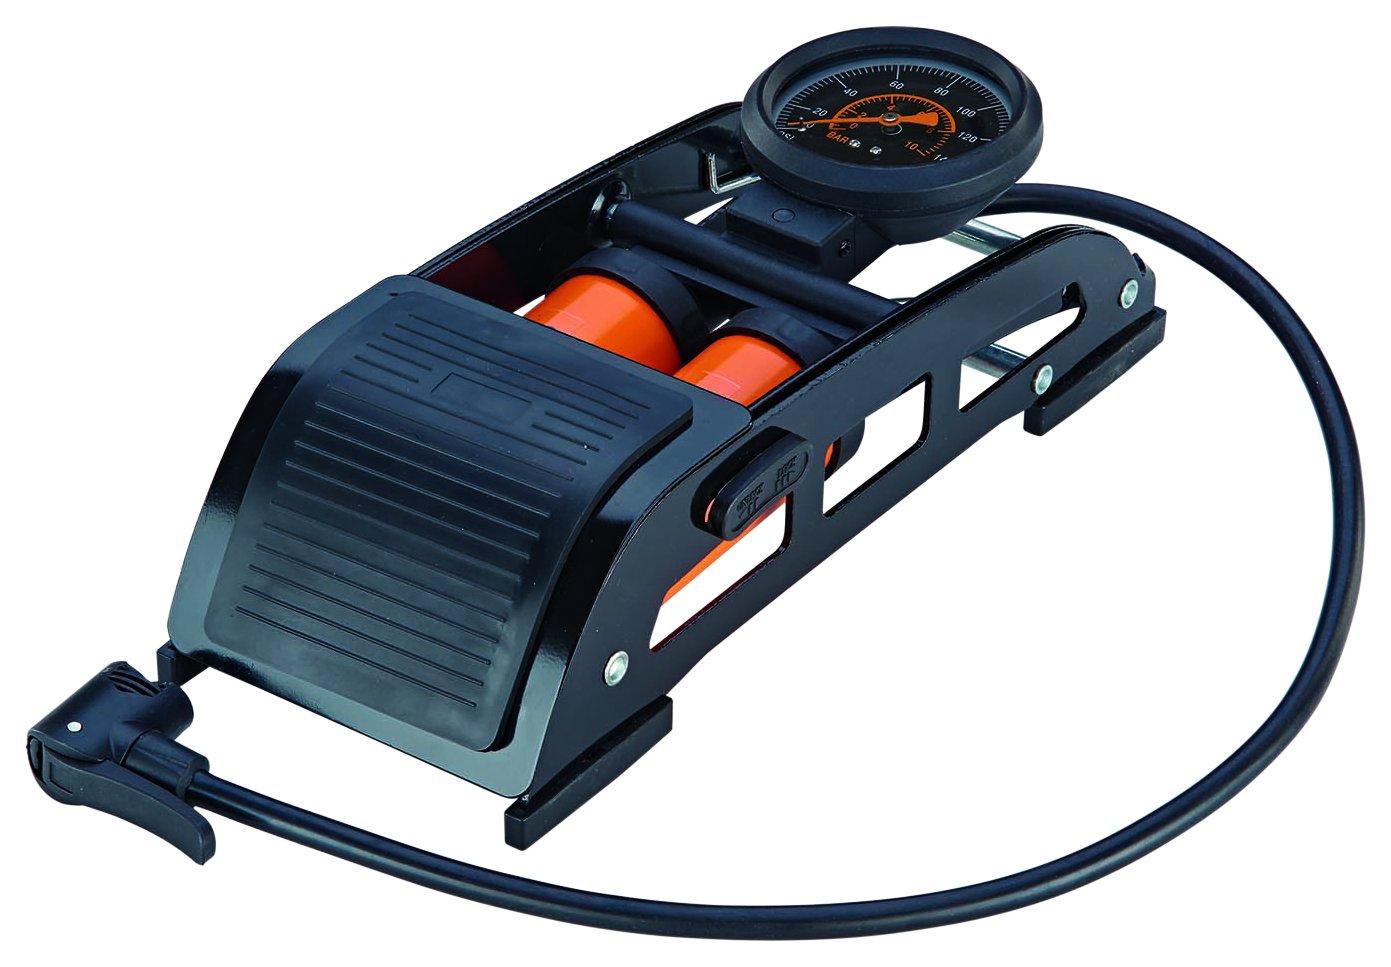 L /Black Prophete Uni Foot Pump Air pump/